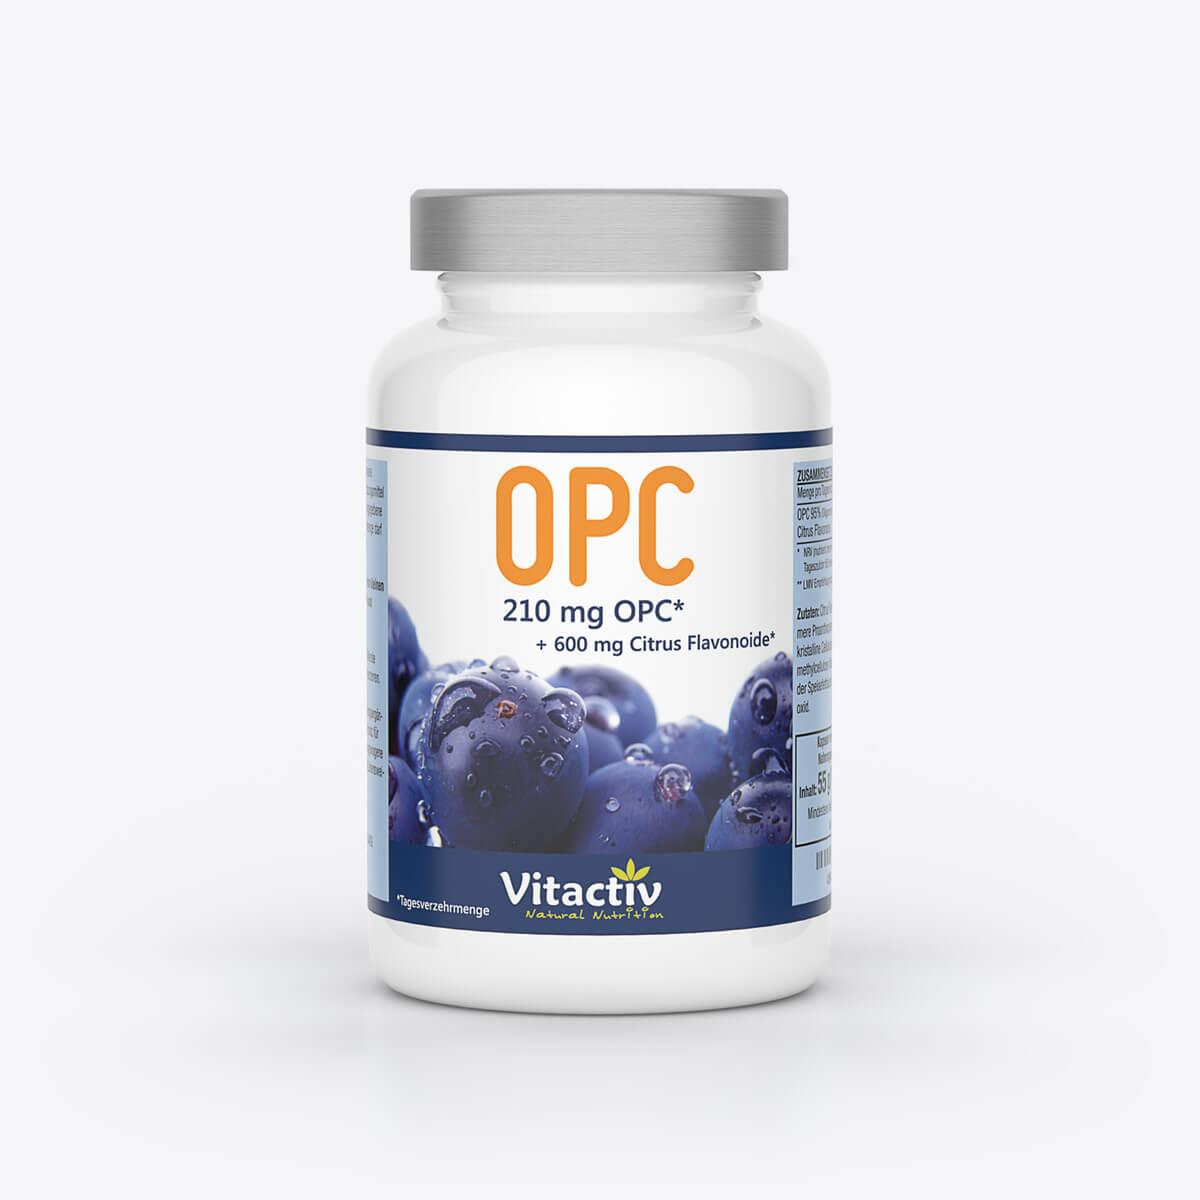 OPC 210 mg